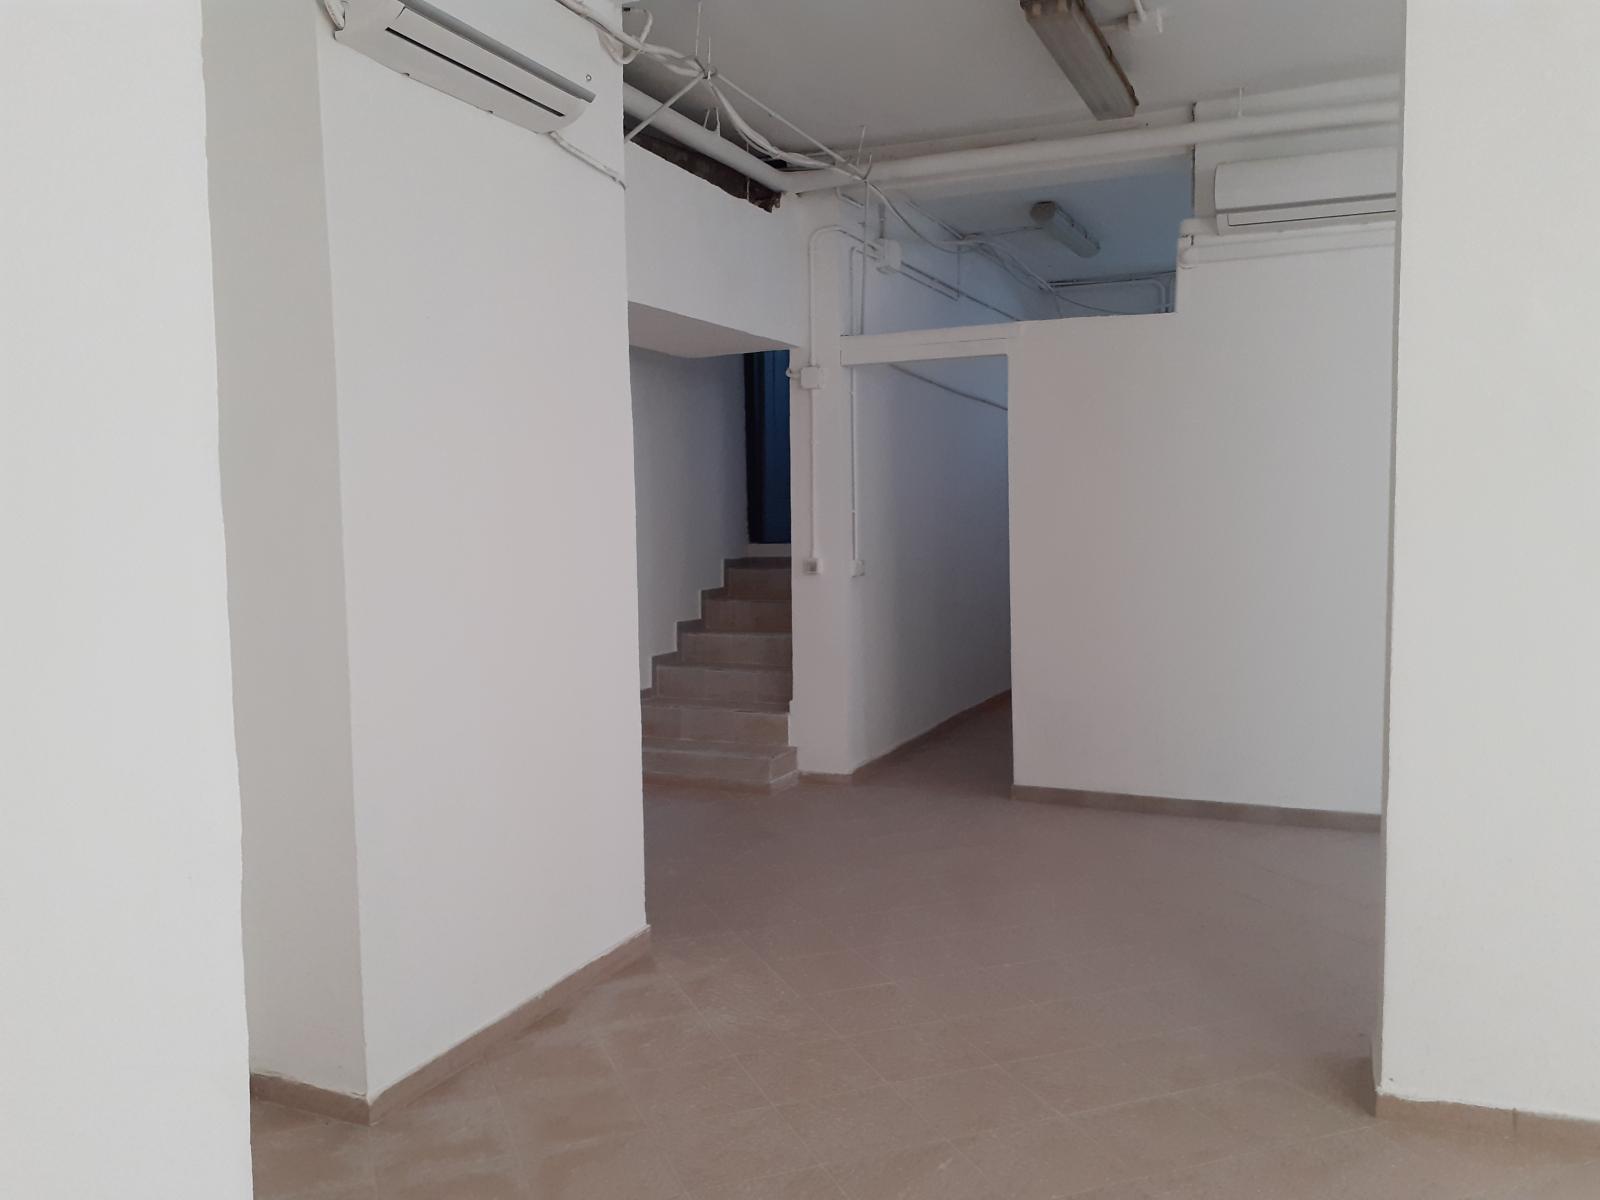 laboratorio-magazzino-in-vendita-affitto-a-baggio-spaziourbano-immobiliare-vende-affitta-3